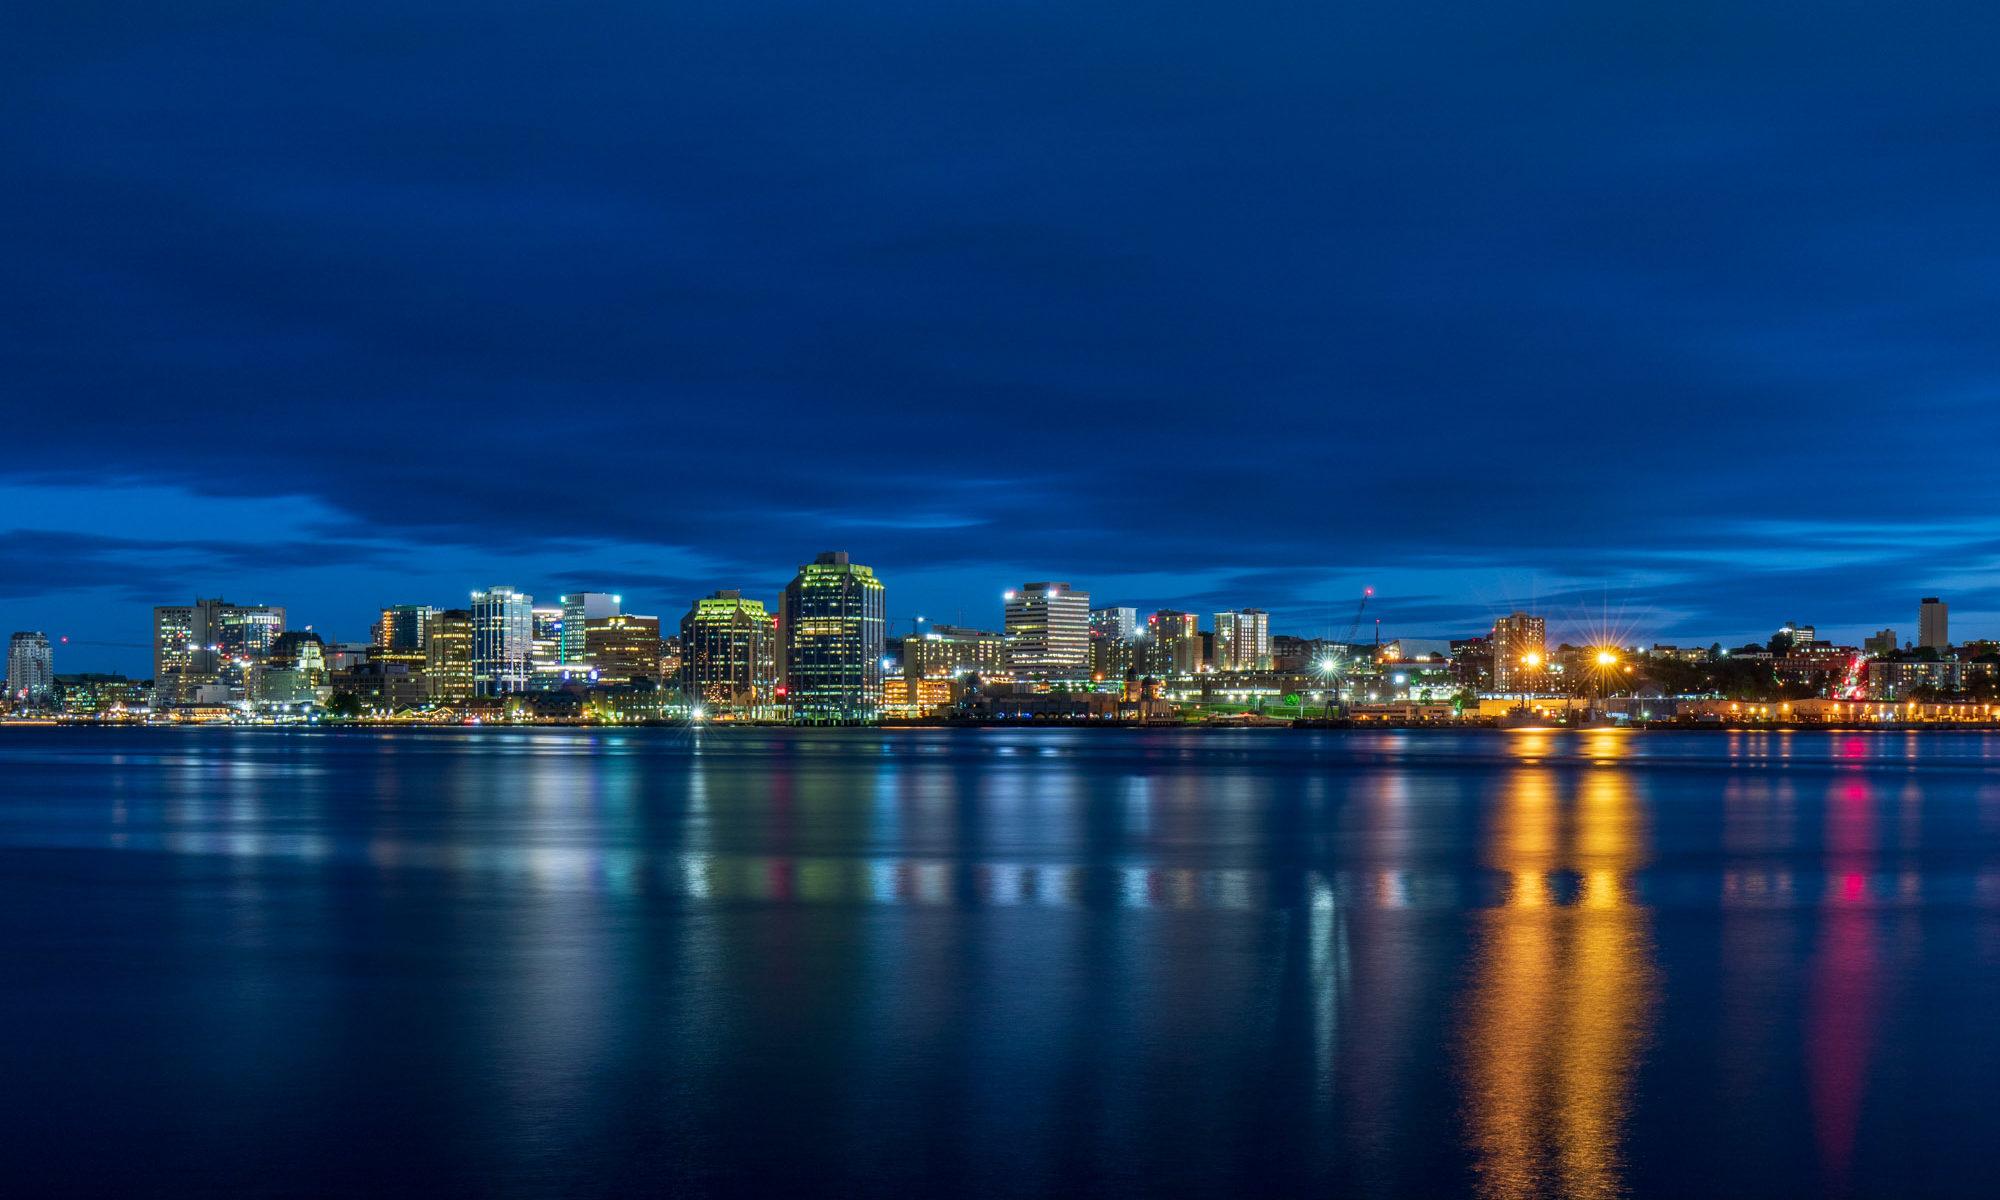 Nachtaufnahme der Skyline von Halifax zur blauen Stunde.